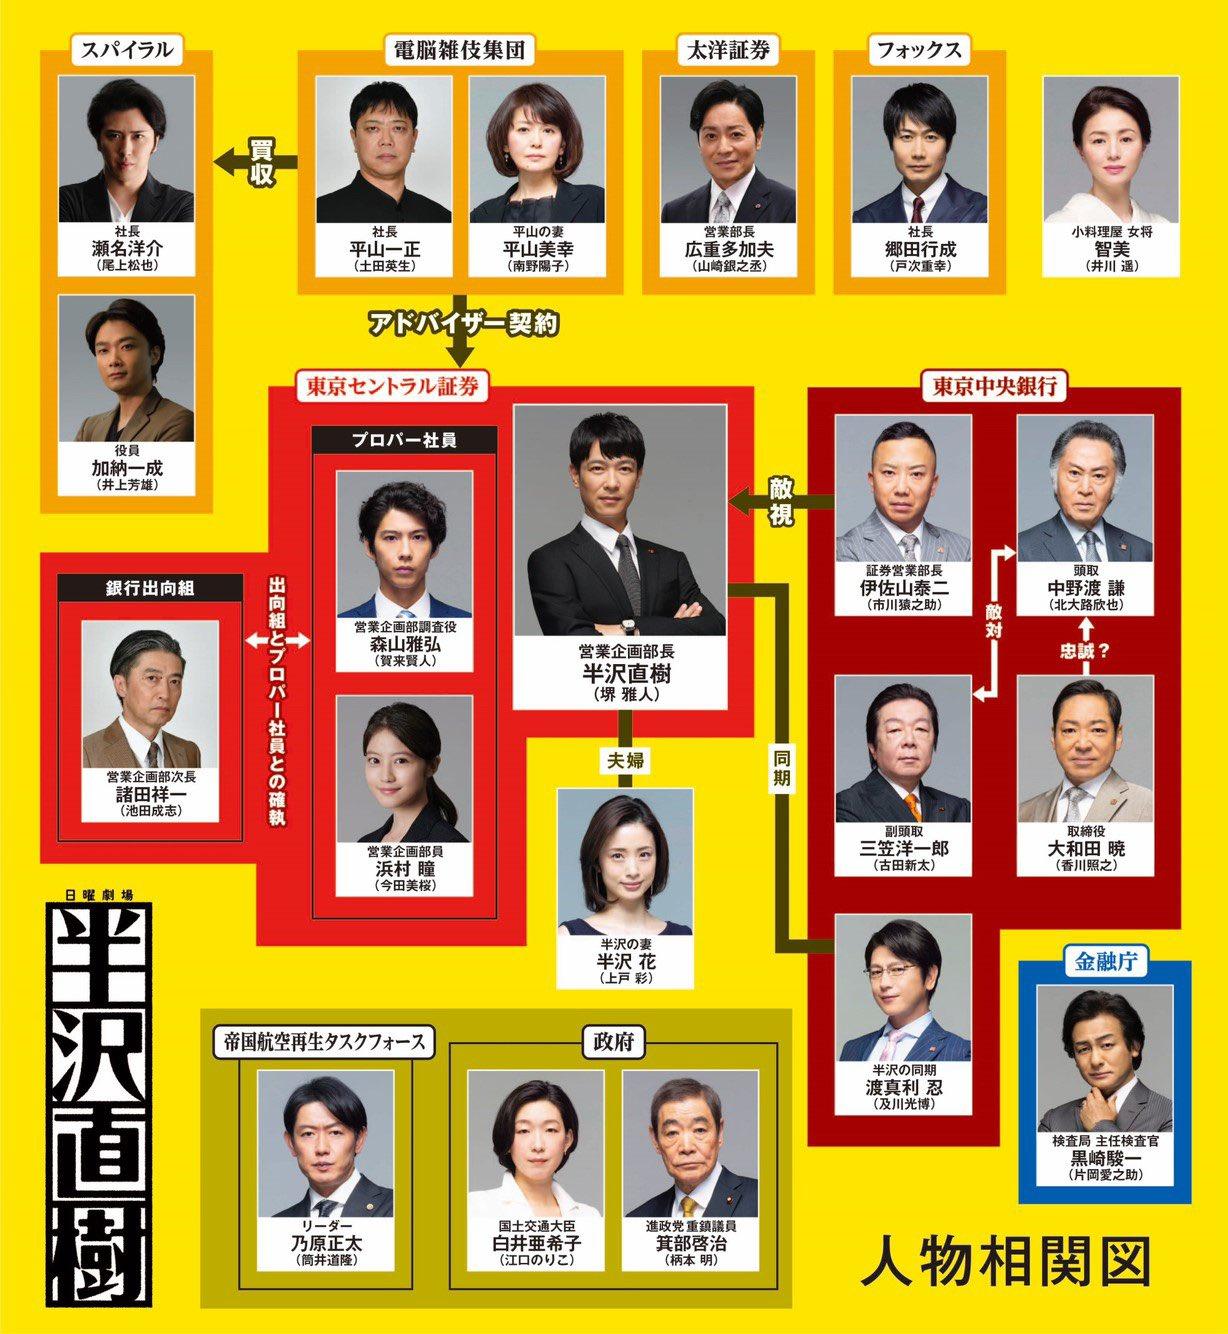 日剧《半泽直树》第二季演员追加  角色关系图公开!